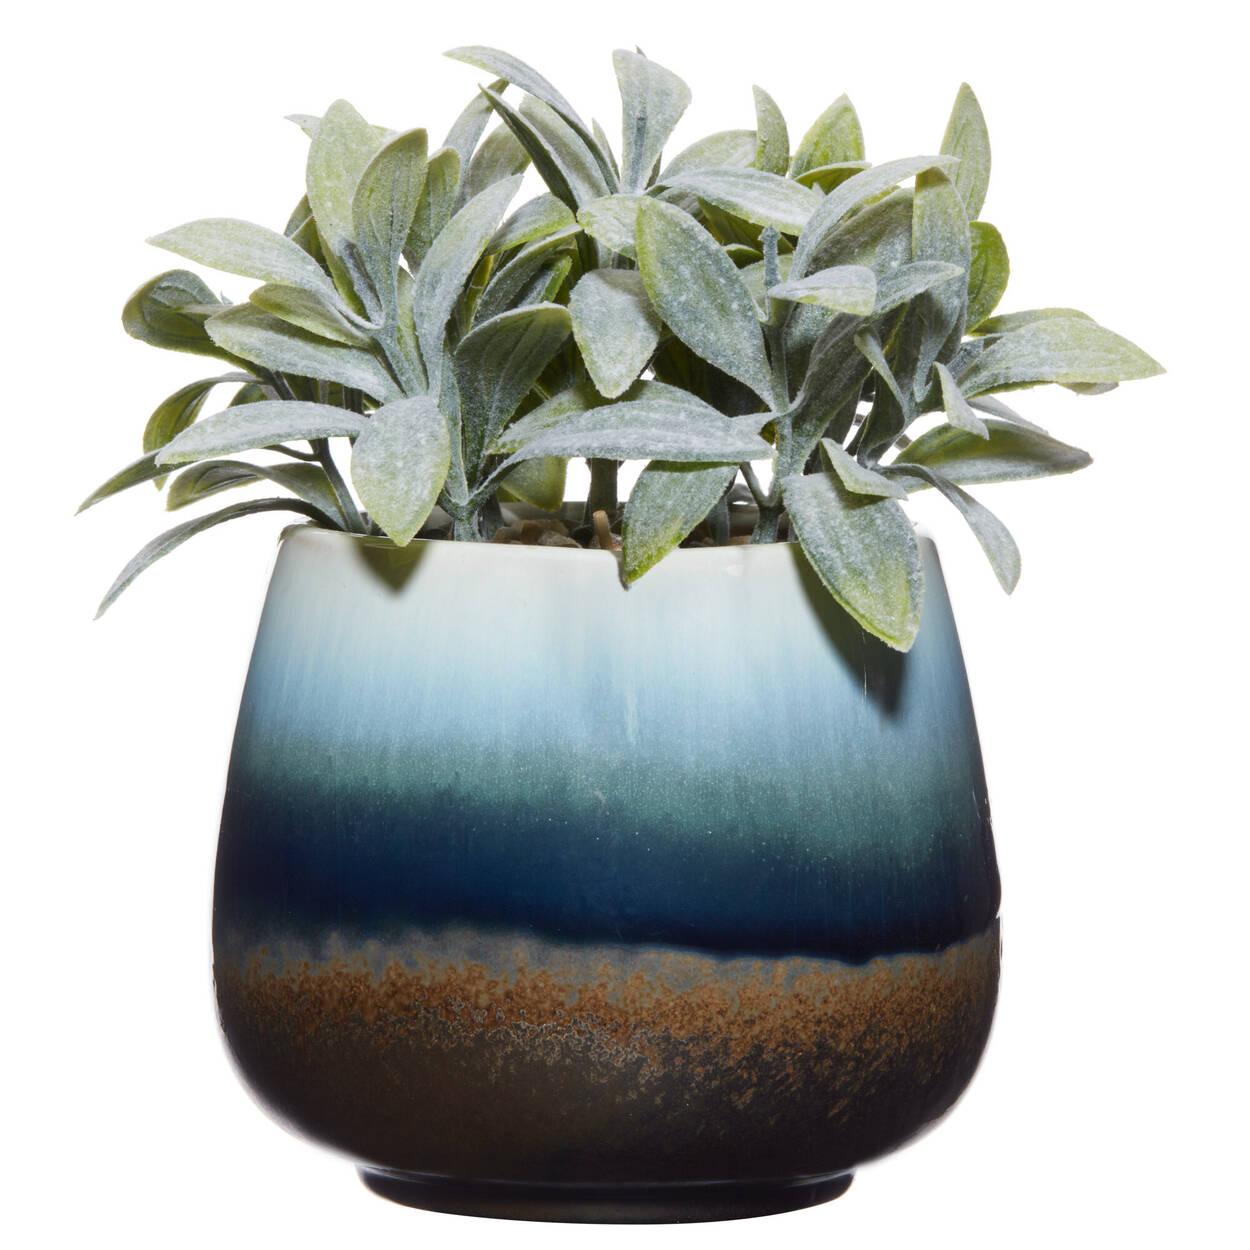 Plante dans un pot en céramique 3 tons 12 x 15 cm.